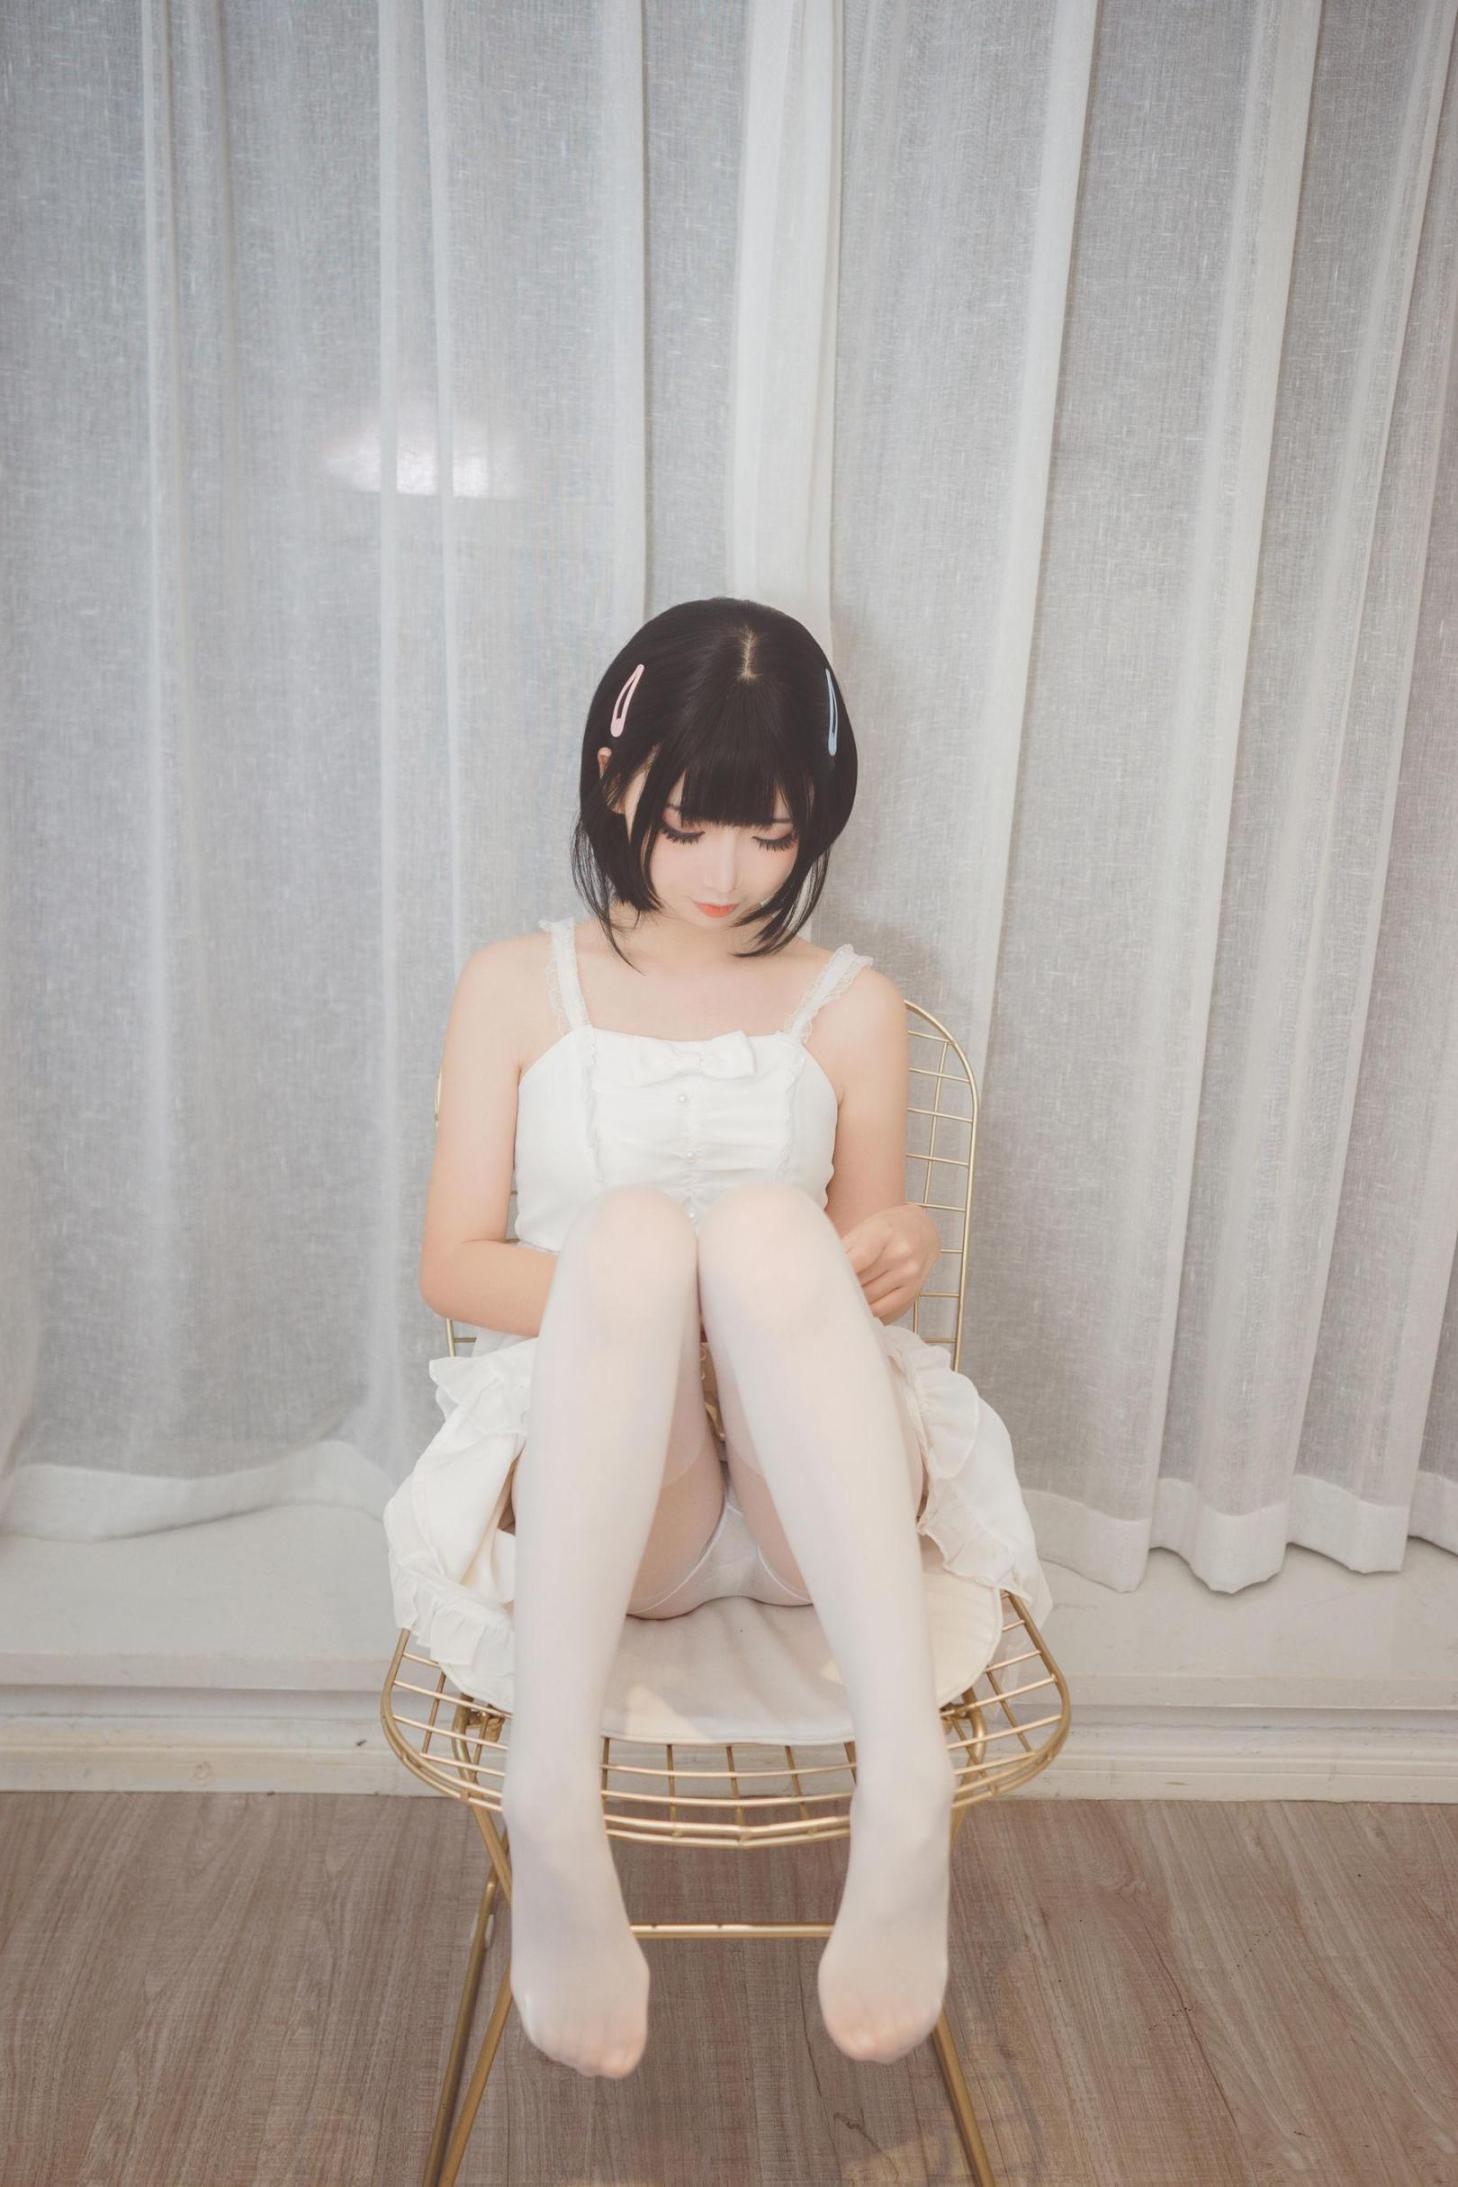 [网络美女] 面饼仙儿 白色空间 高清写真套图